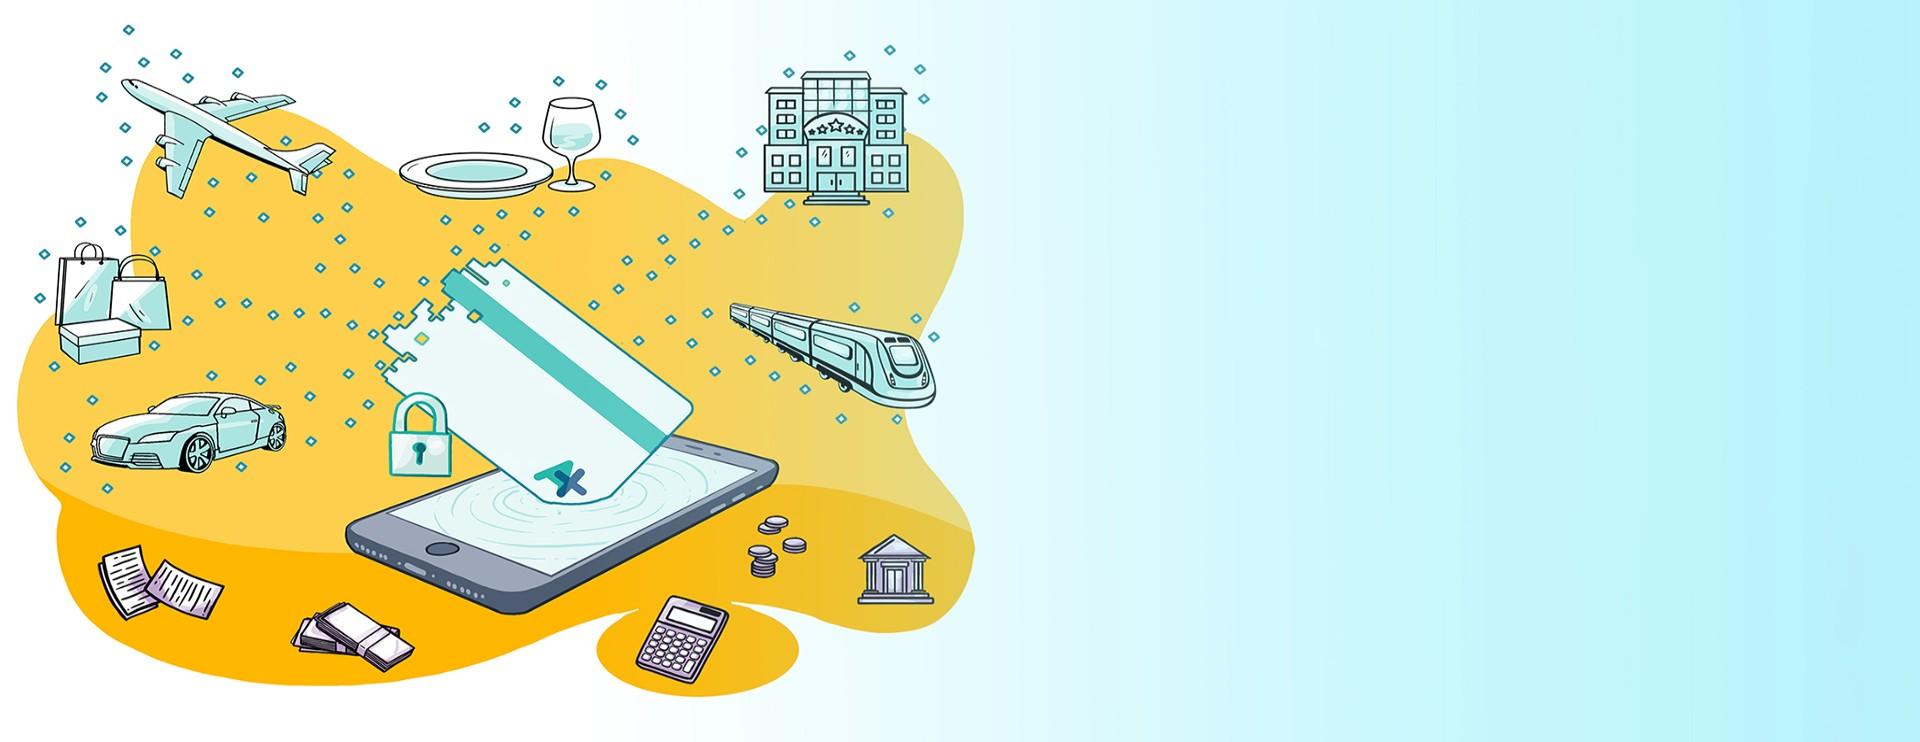 Carta di credito che si dissolve su un cellulare trasformandosi in icone rappresentanti servizi acquistabili come aerei, treni, autovetture, ristoranti